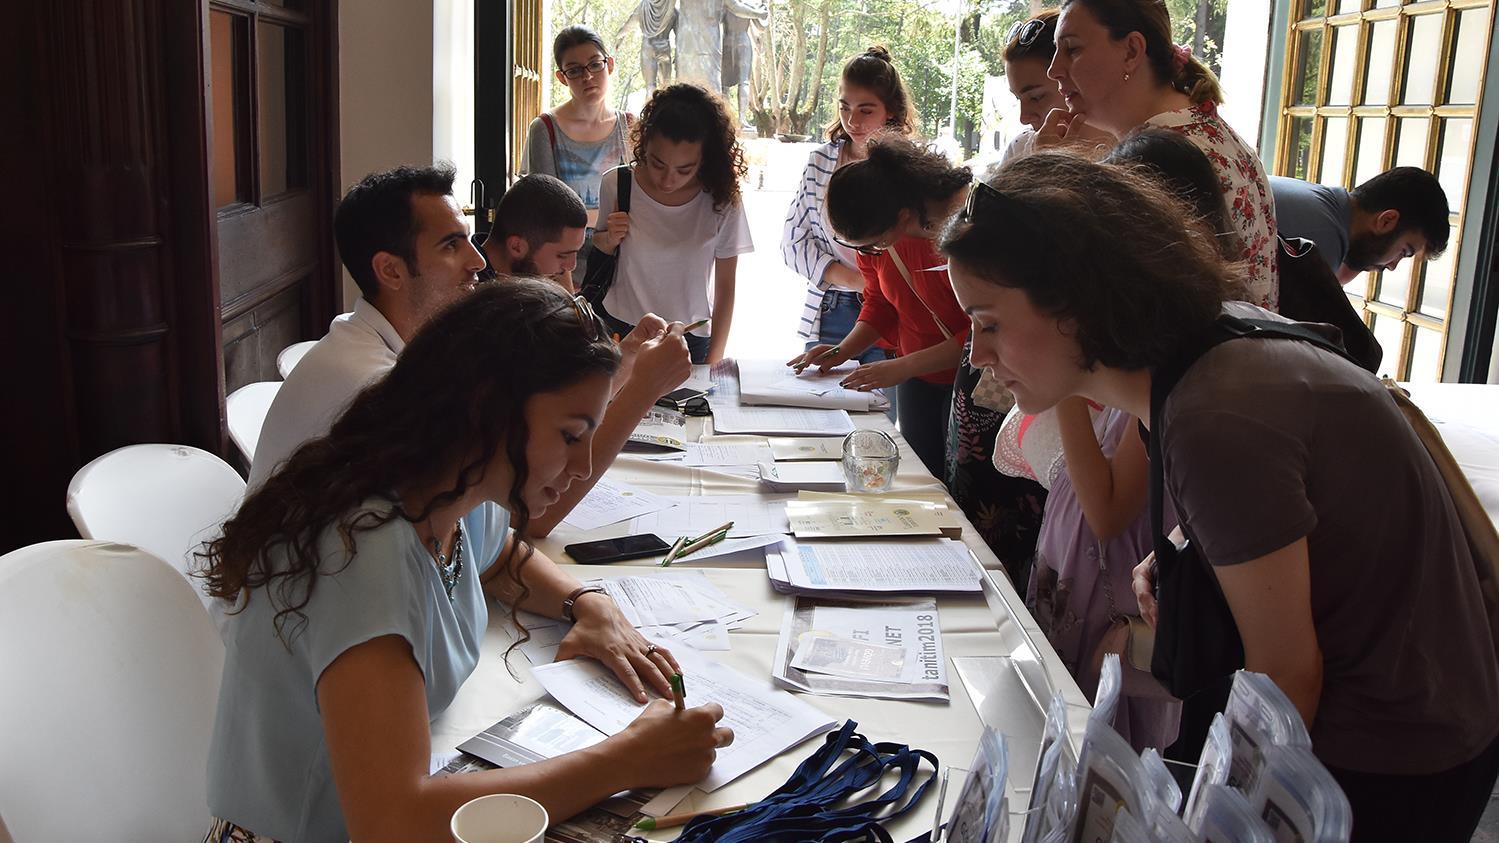 İstanbul-Üniversitesi-ve-İstanbul-Üniversitesi-Tercih-ve-Tanıtım-Günleri'nde-3.-Gün-Sona-Erdi